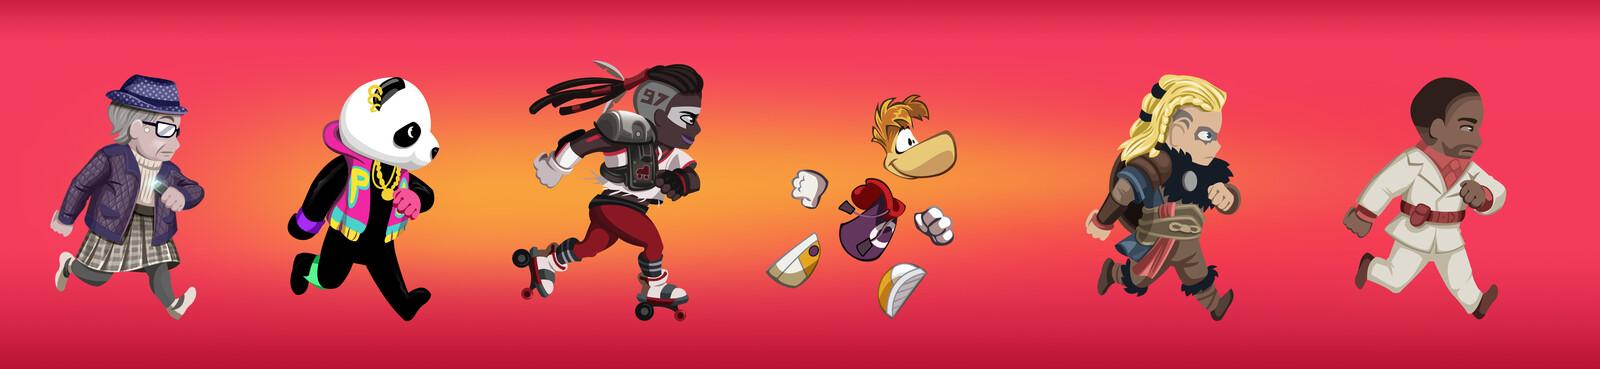 Création des personnages principaux d'après références fournies par Ubisoft